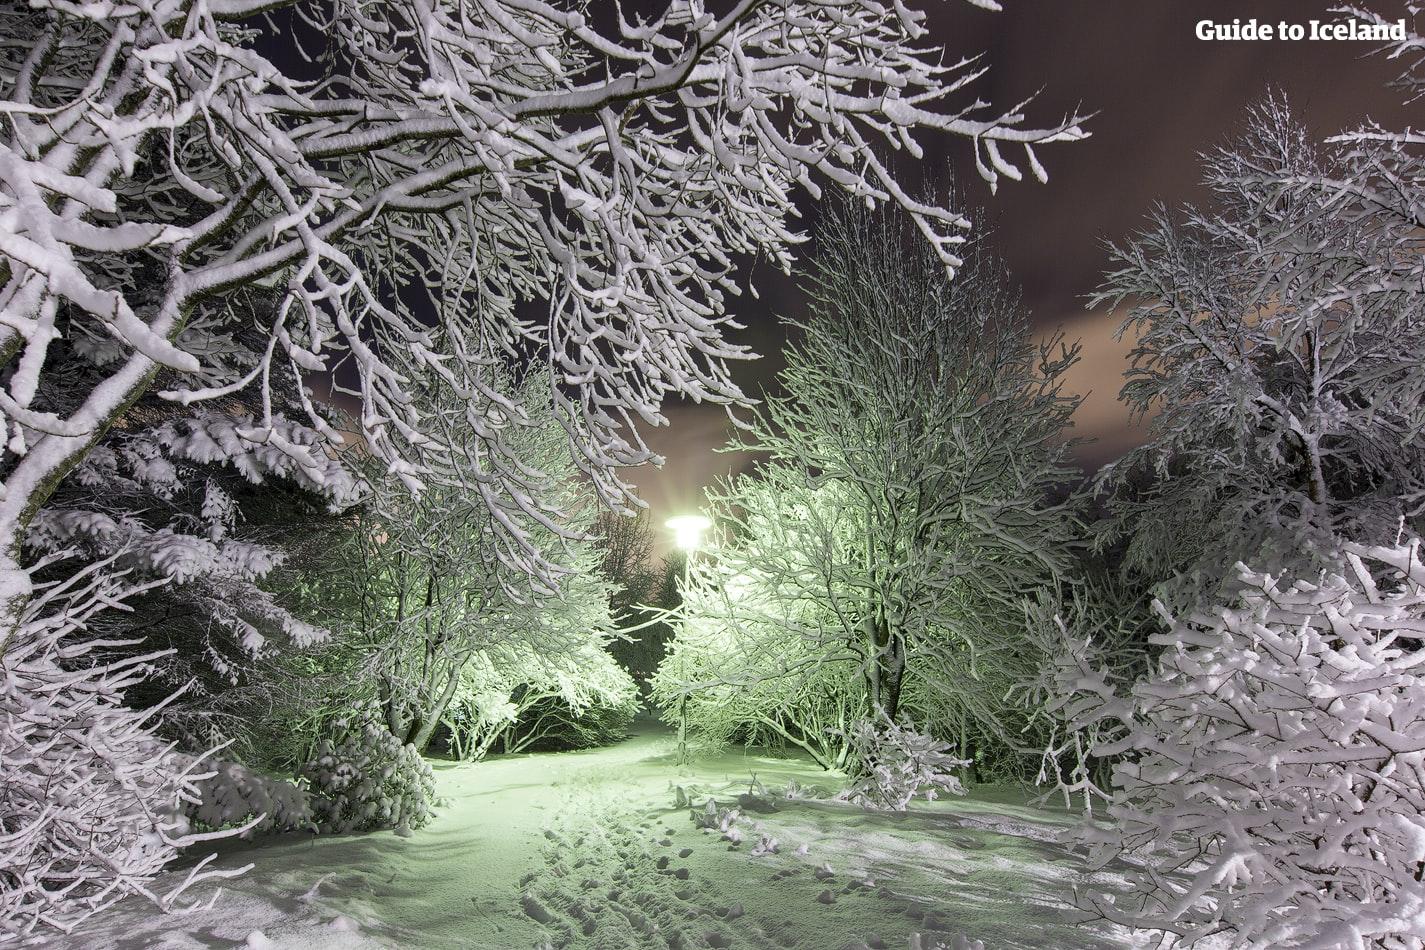 冰岛首都雷克雅未克的城市被大雪覆盖的美景